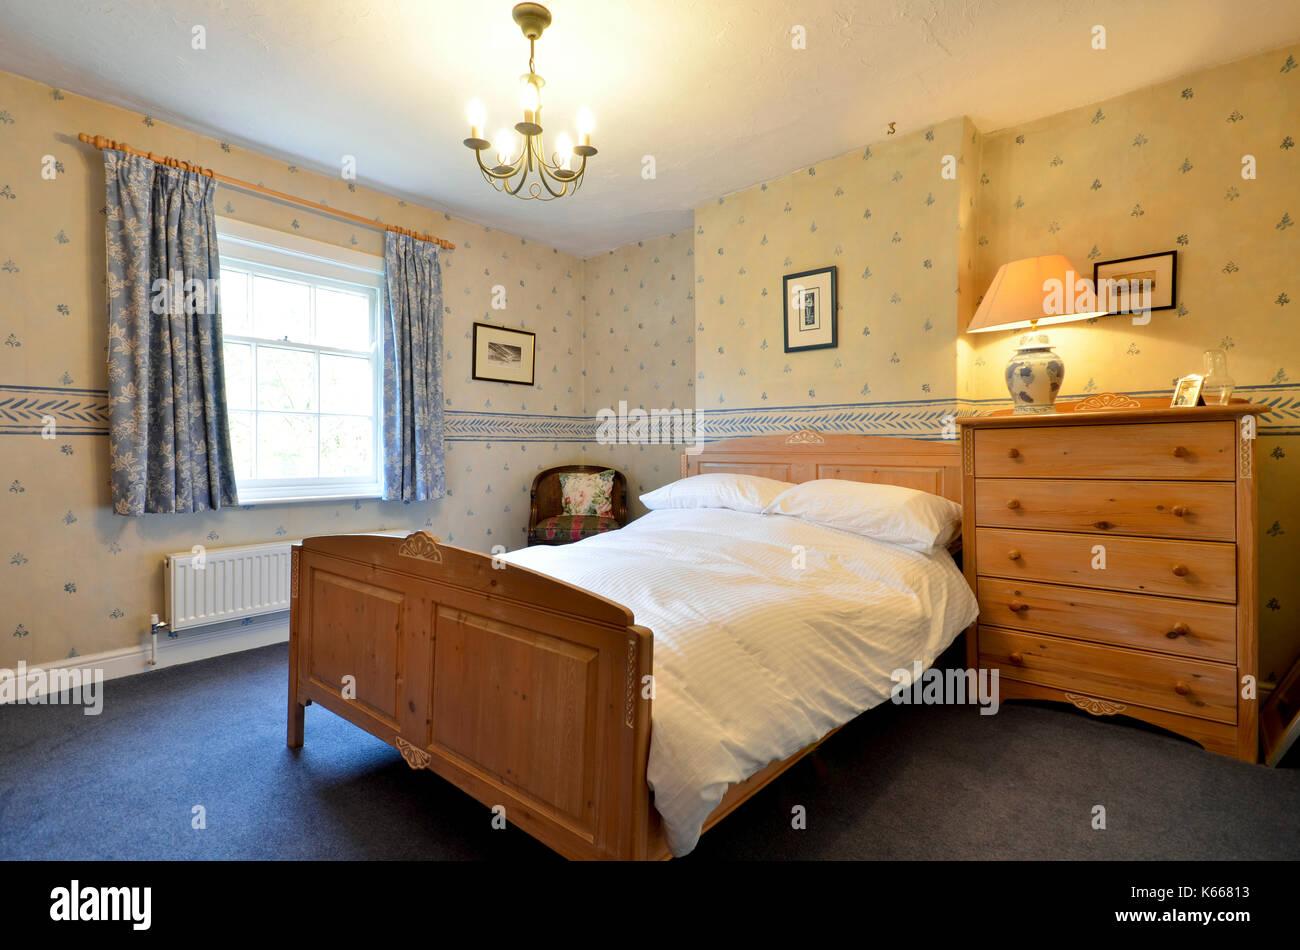 Camera per ospiti in cottage di campagna con mobili in legno di pino Foto Stock